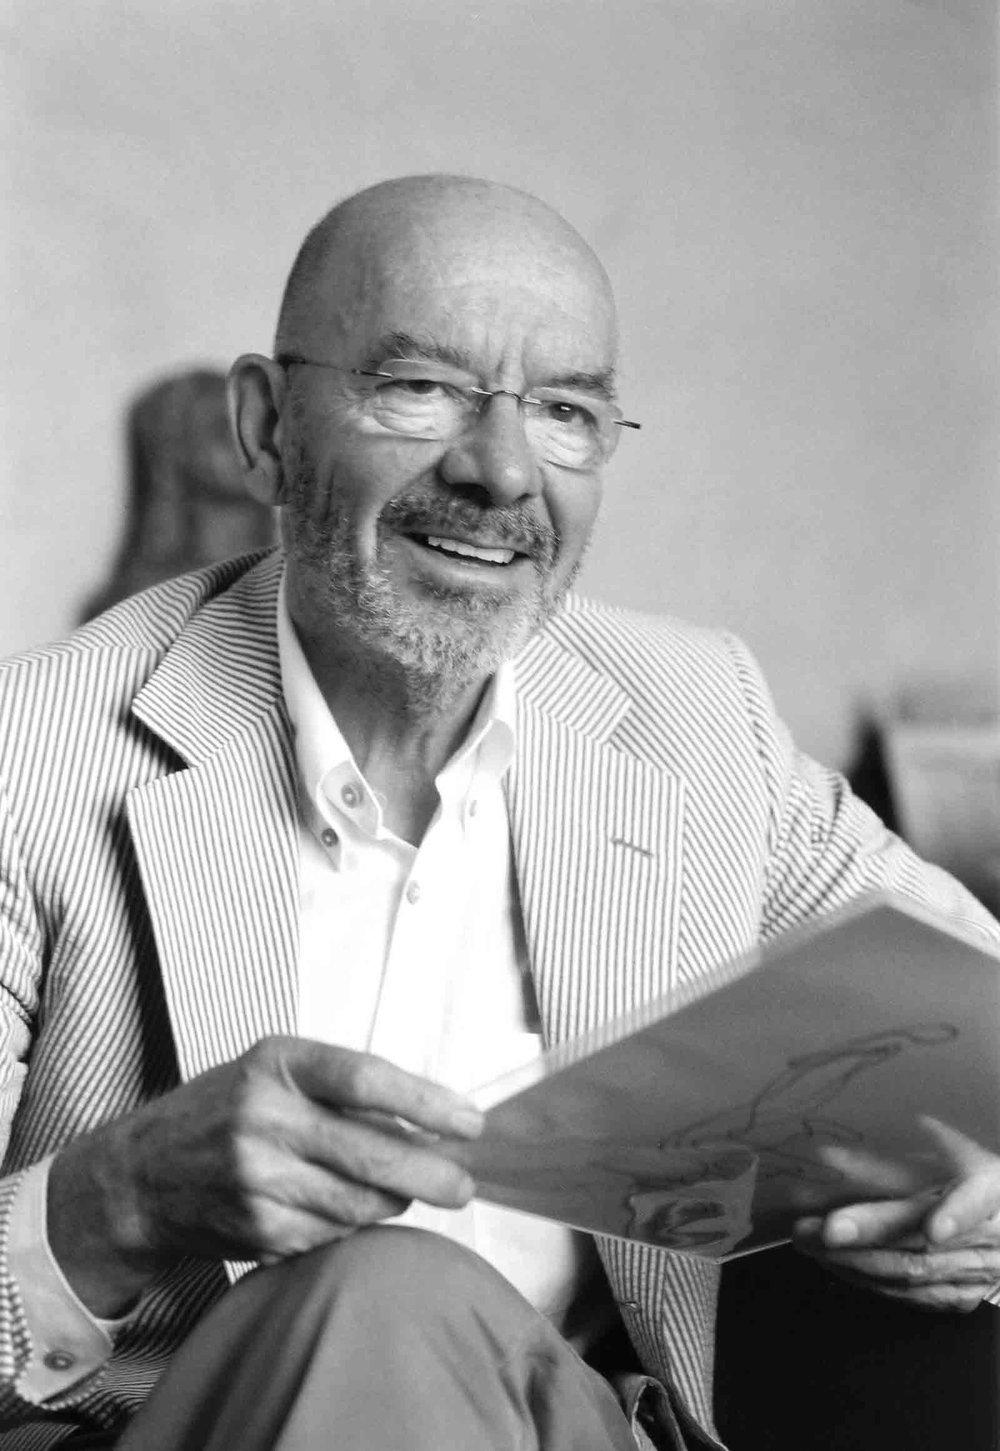 Mario-Bellini-Portrait.jpg